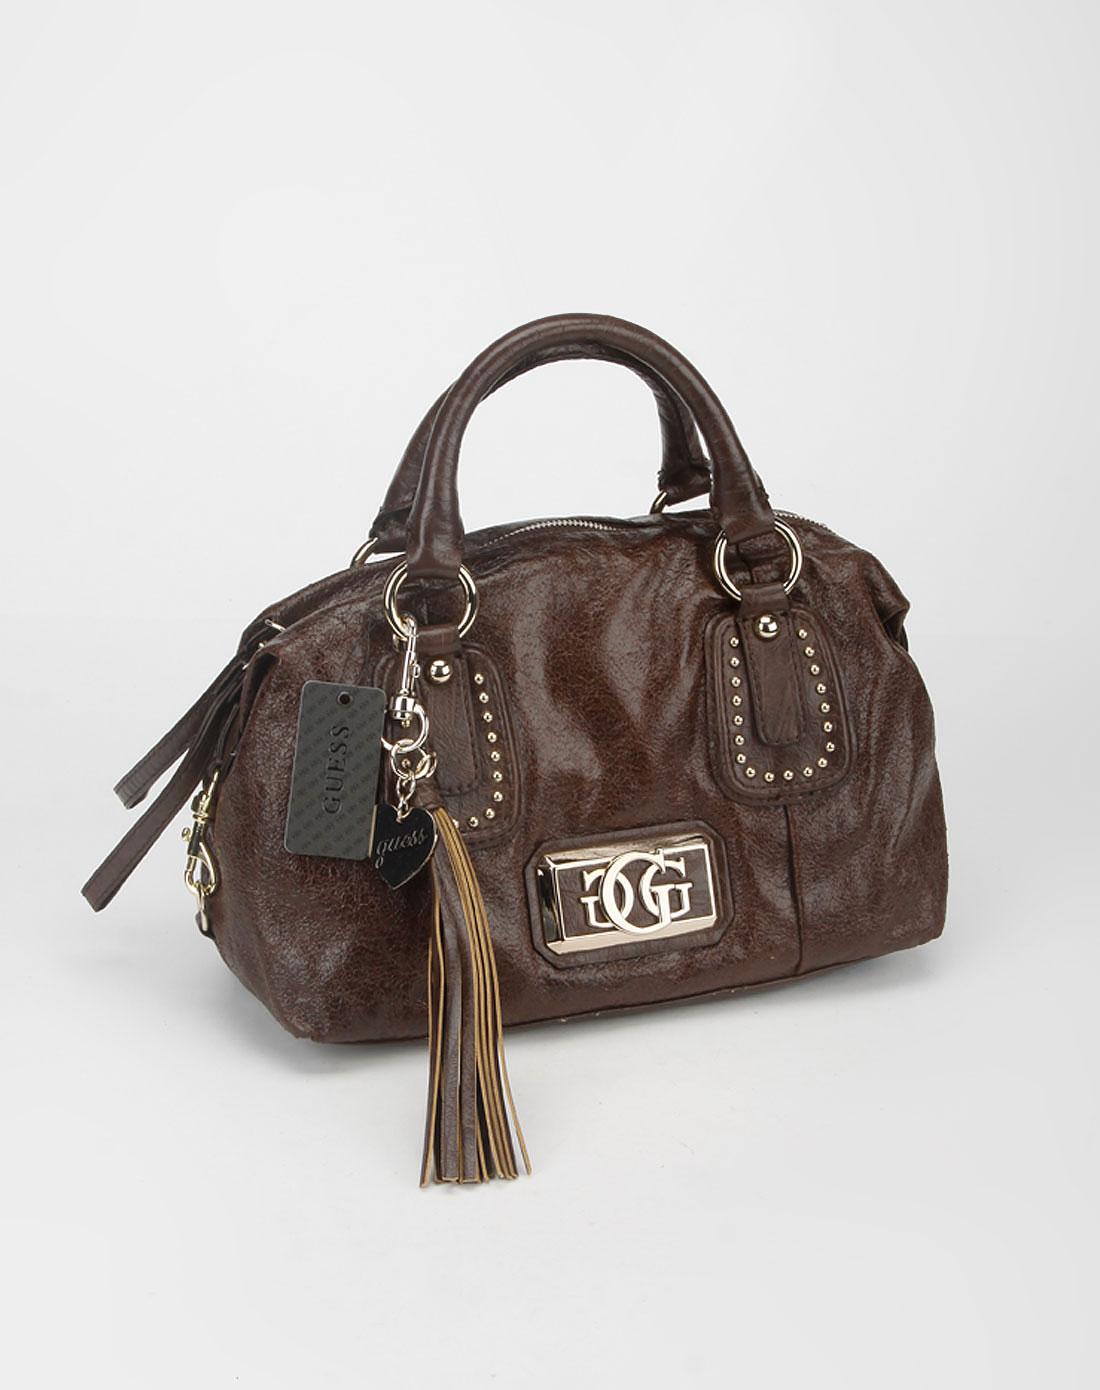 guess-包包guess 女款深啡色时尚手提包